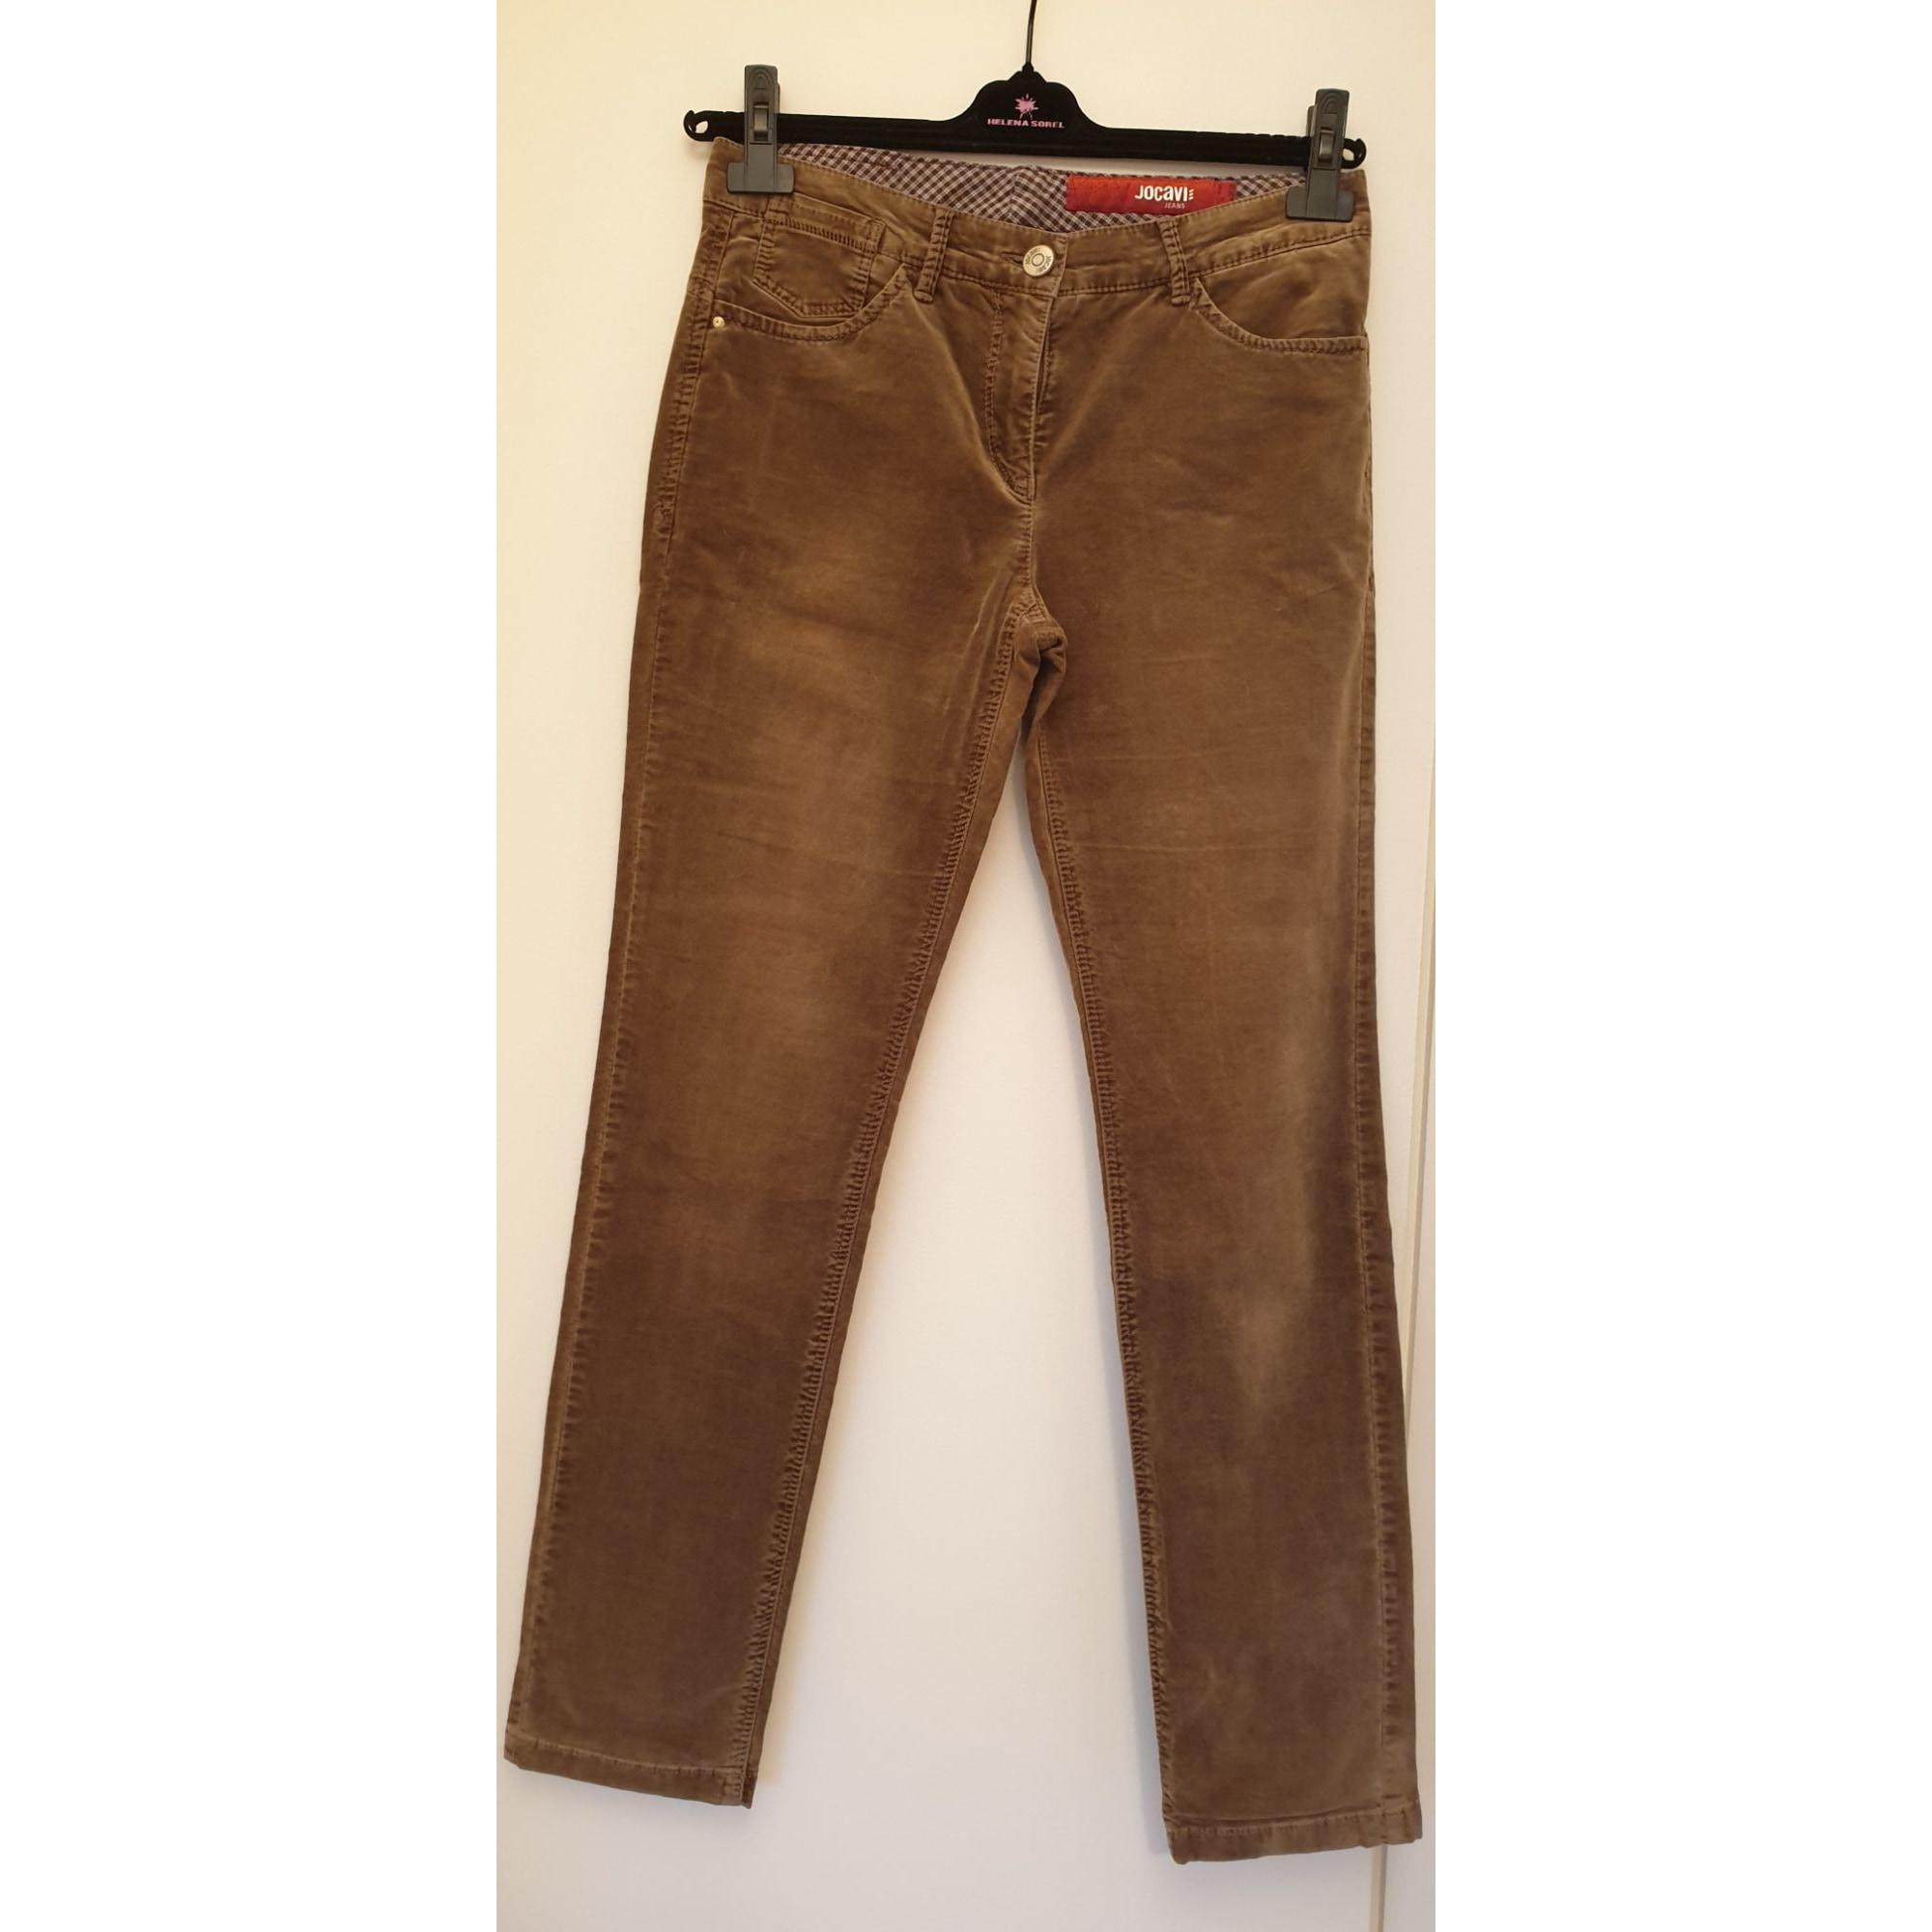 Pantalon droit MARQUE INCONNUE Beige, camel